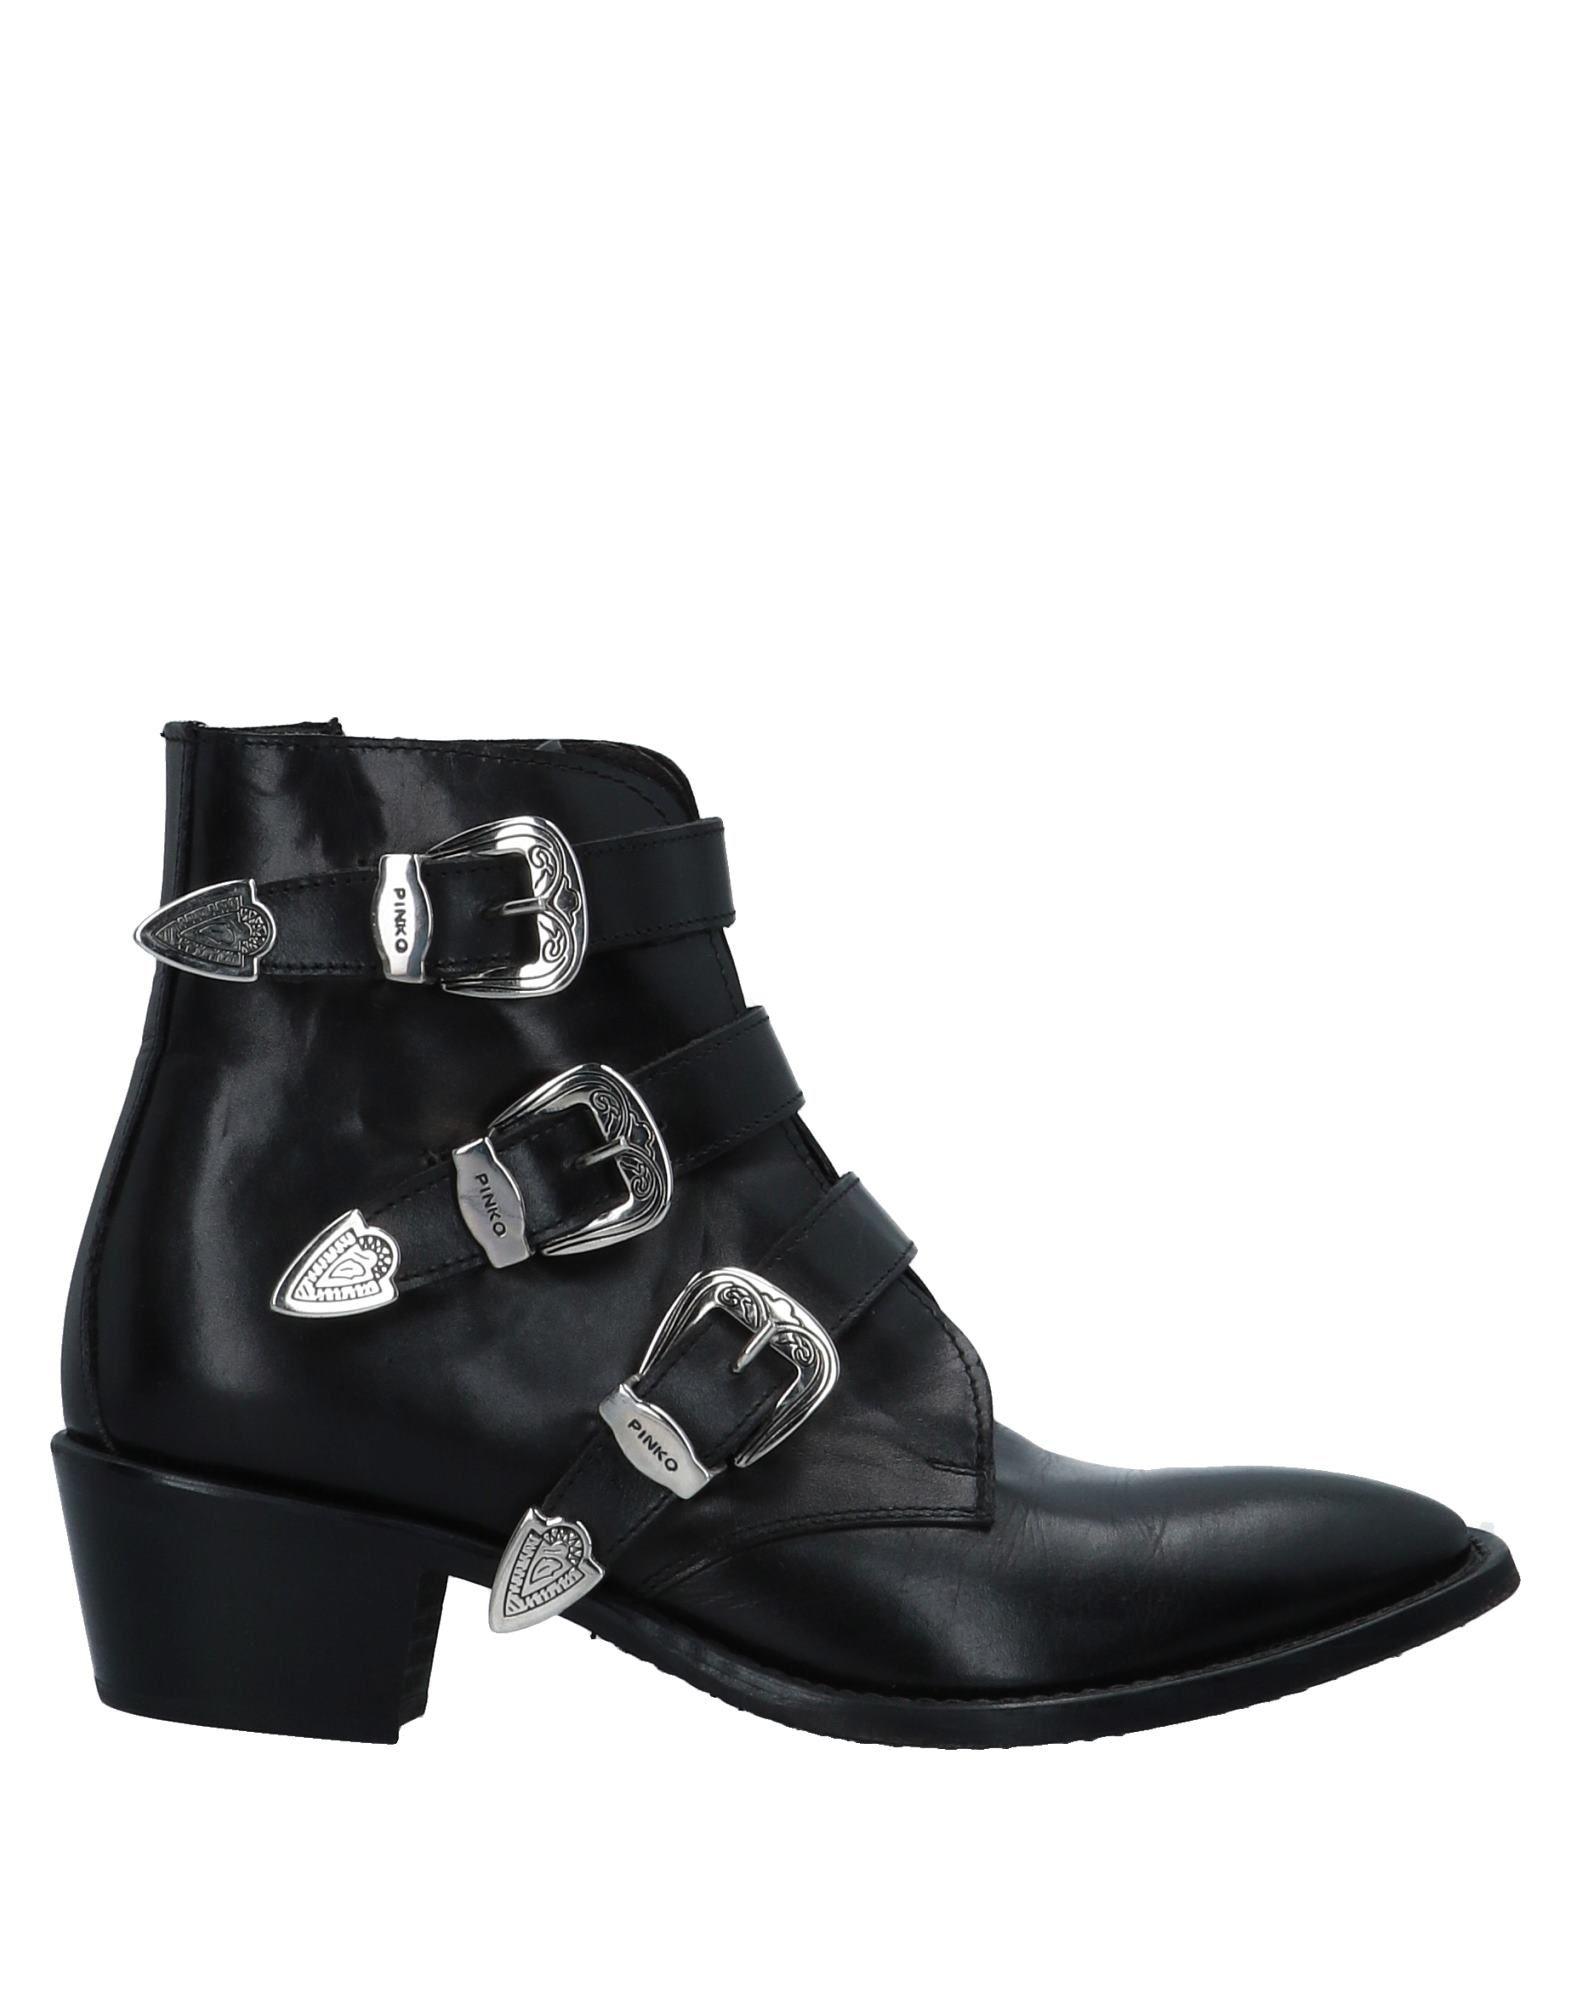 Sneakers L4k3 Uomo - 11257166SL Scarpe economiche e buone